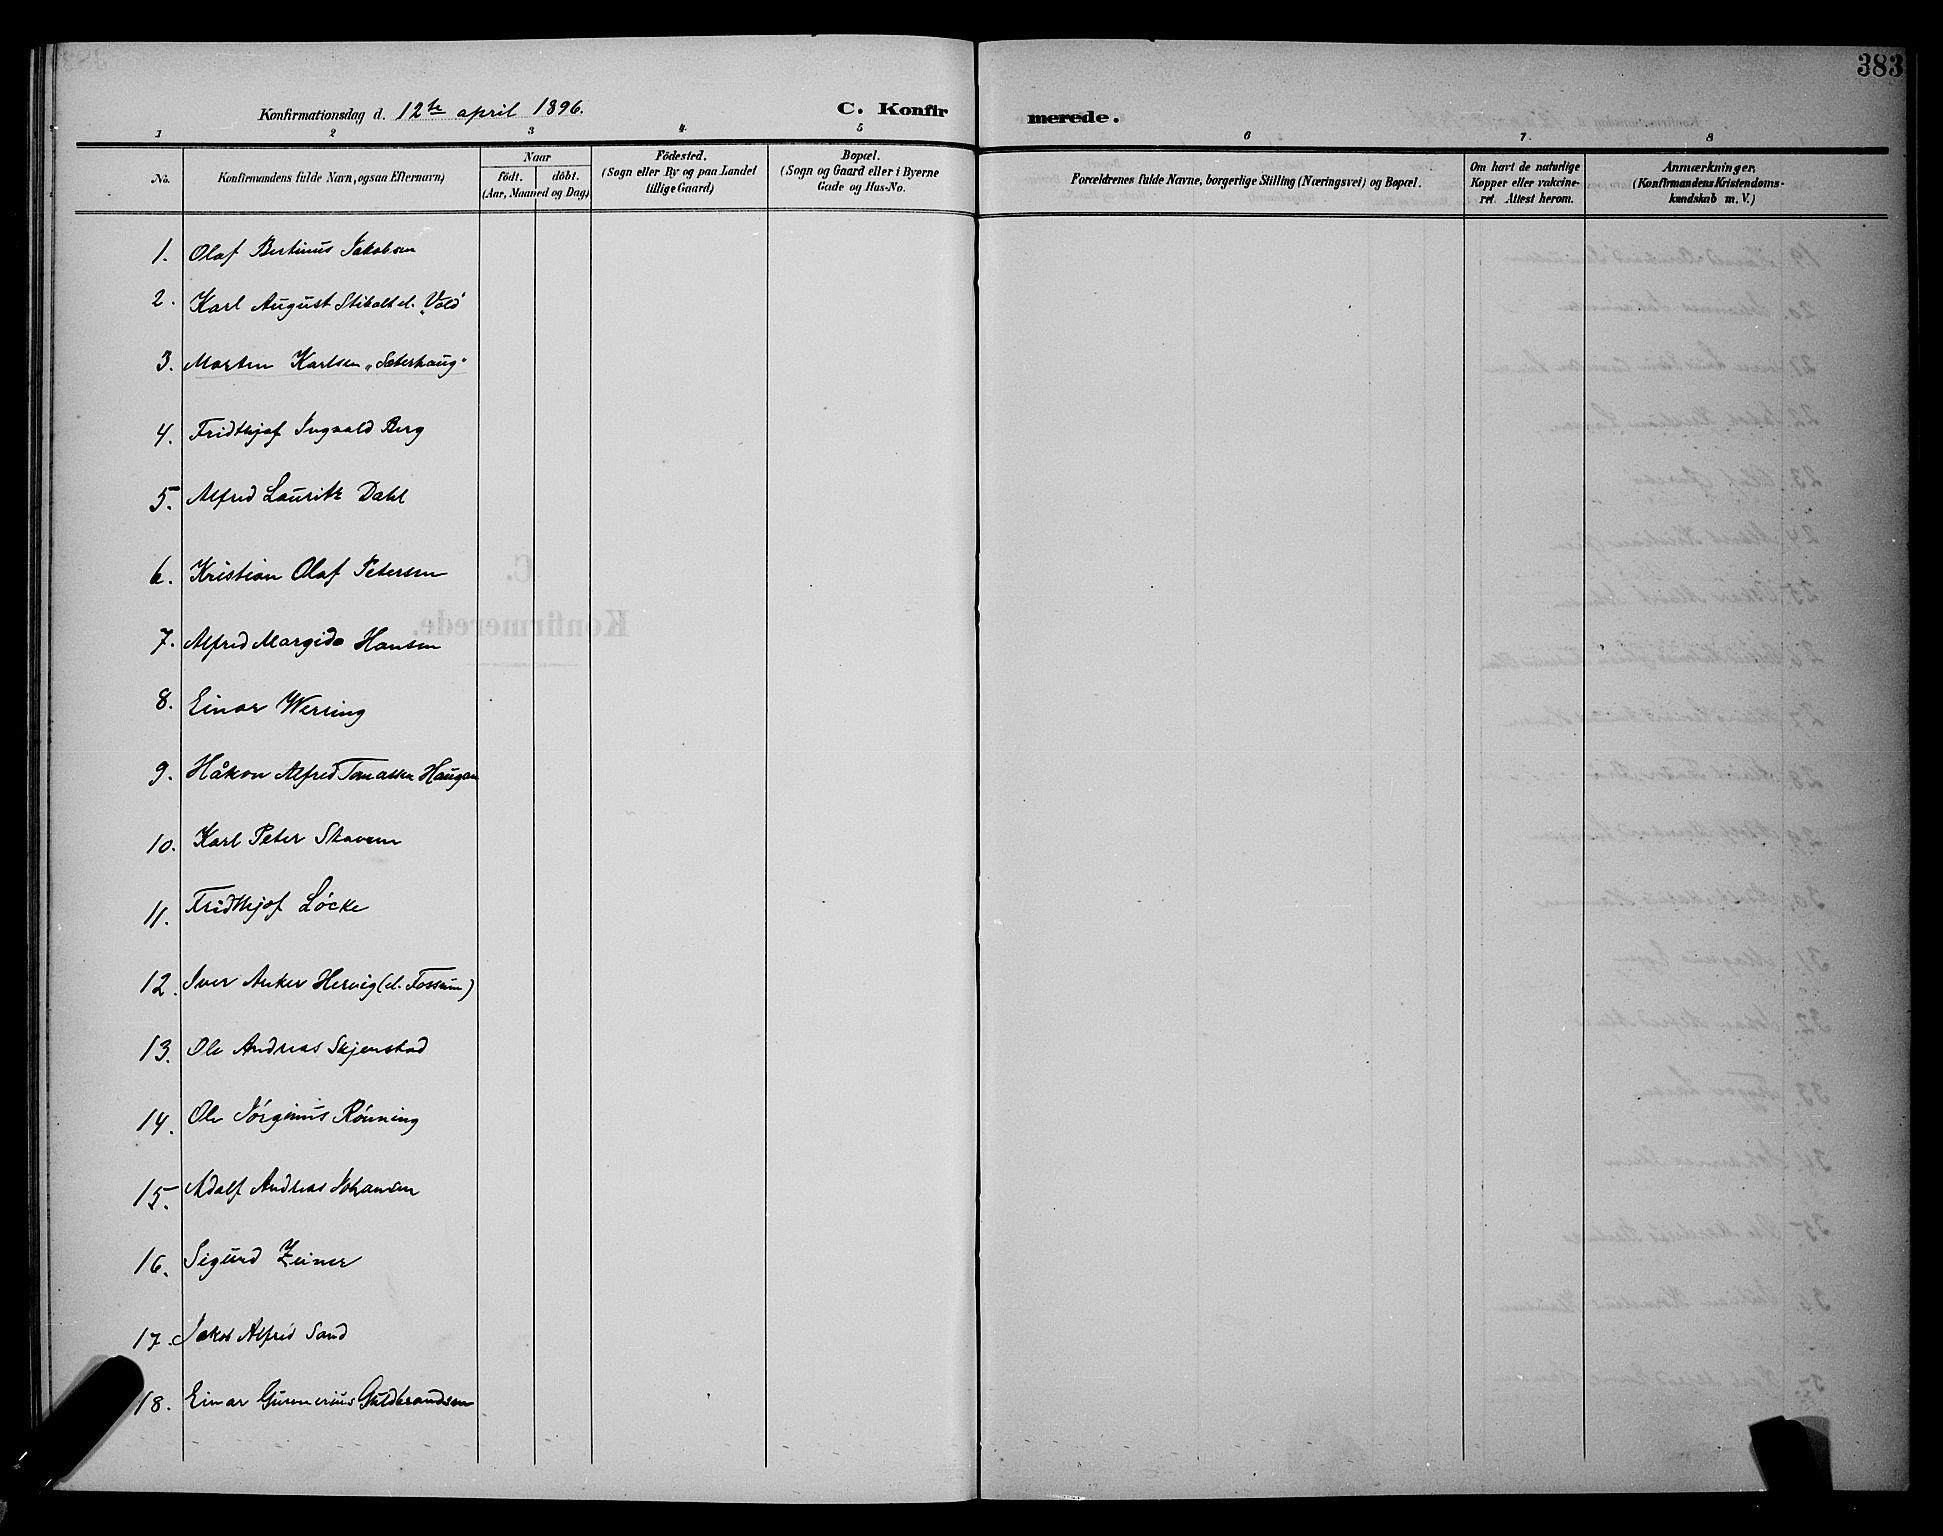 SAT, Ministerialprotokoller, klokkerbøker og fødselsregistre - Sør-Trøndelag, 604/L0225: Klokkerbok nr. 604C08, 1895-1899, s. 383